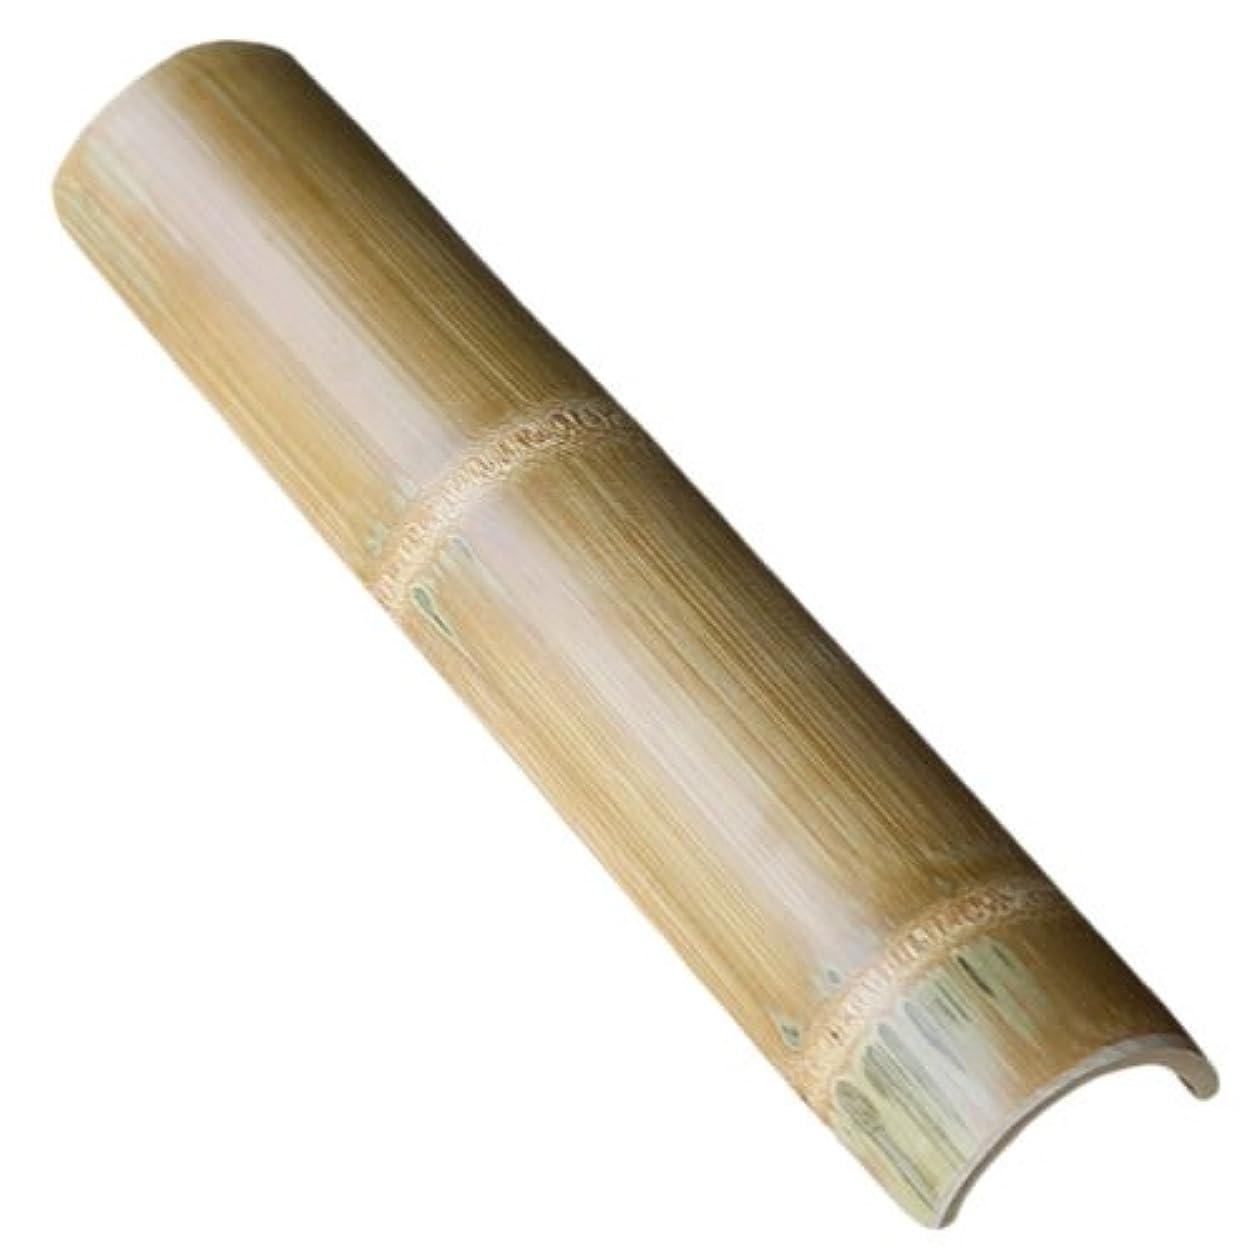 大破キャラバン朝ごはん【国産】炭化竹踏み 青竹を炭化加工して防虫、防カビ効果を向上させて美しく磨き上げた丈夫な二節付の竹踏み